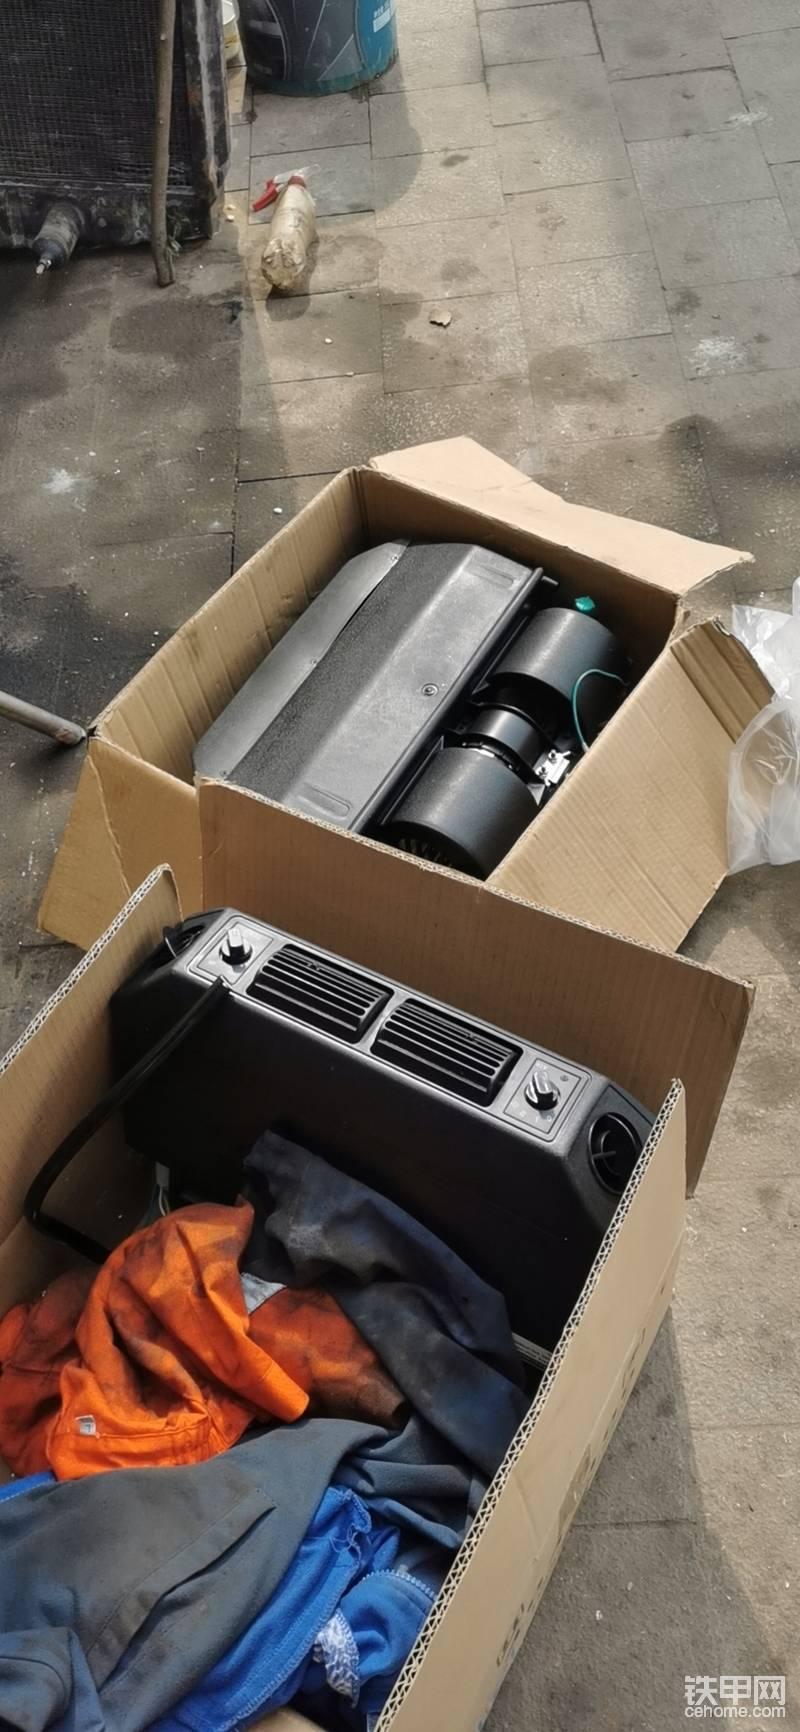 买的最小的,这种蒸发器便宜耐用,效果好,,一台12伏,一台24伏,徐大爷是用的12伏,